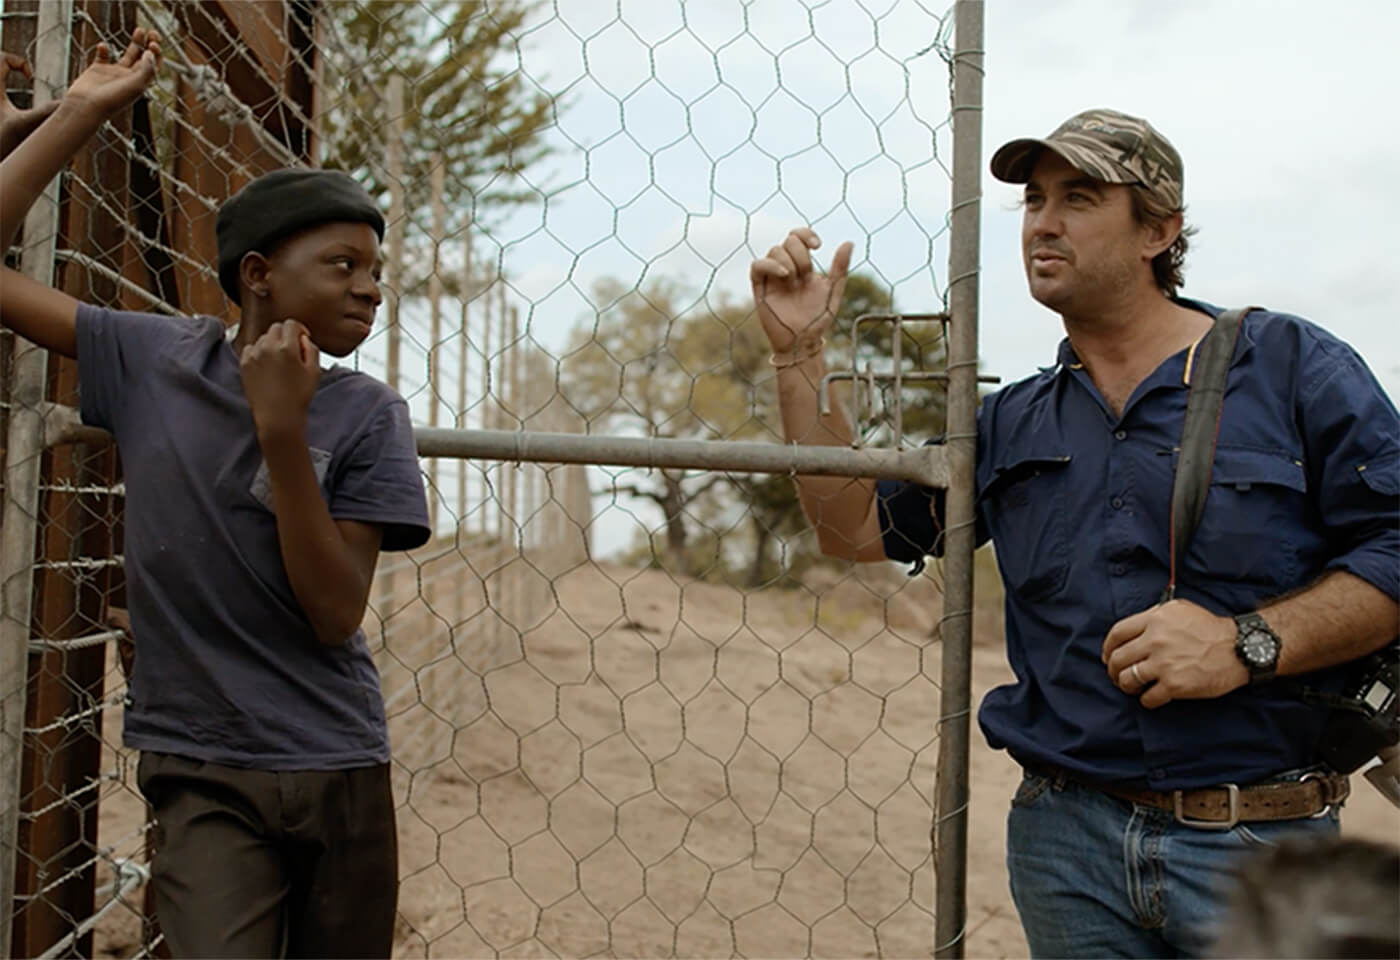 Nat Geo's Save This Rhino documentary